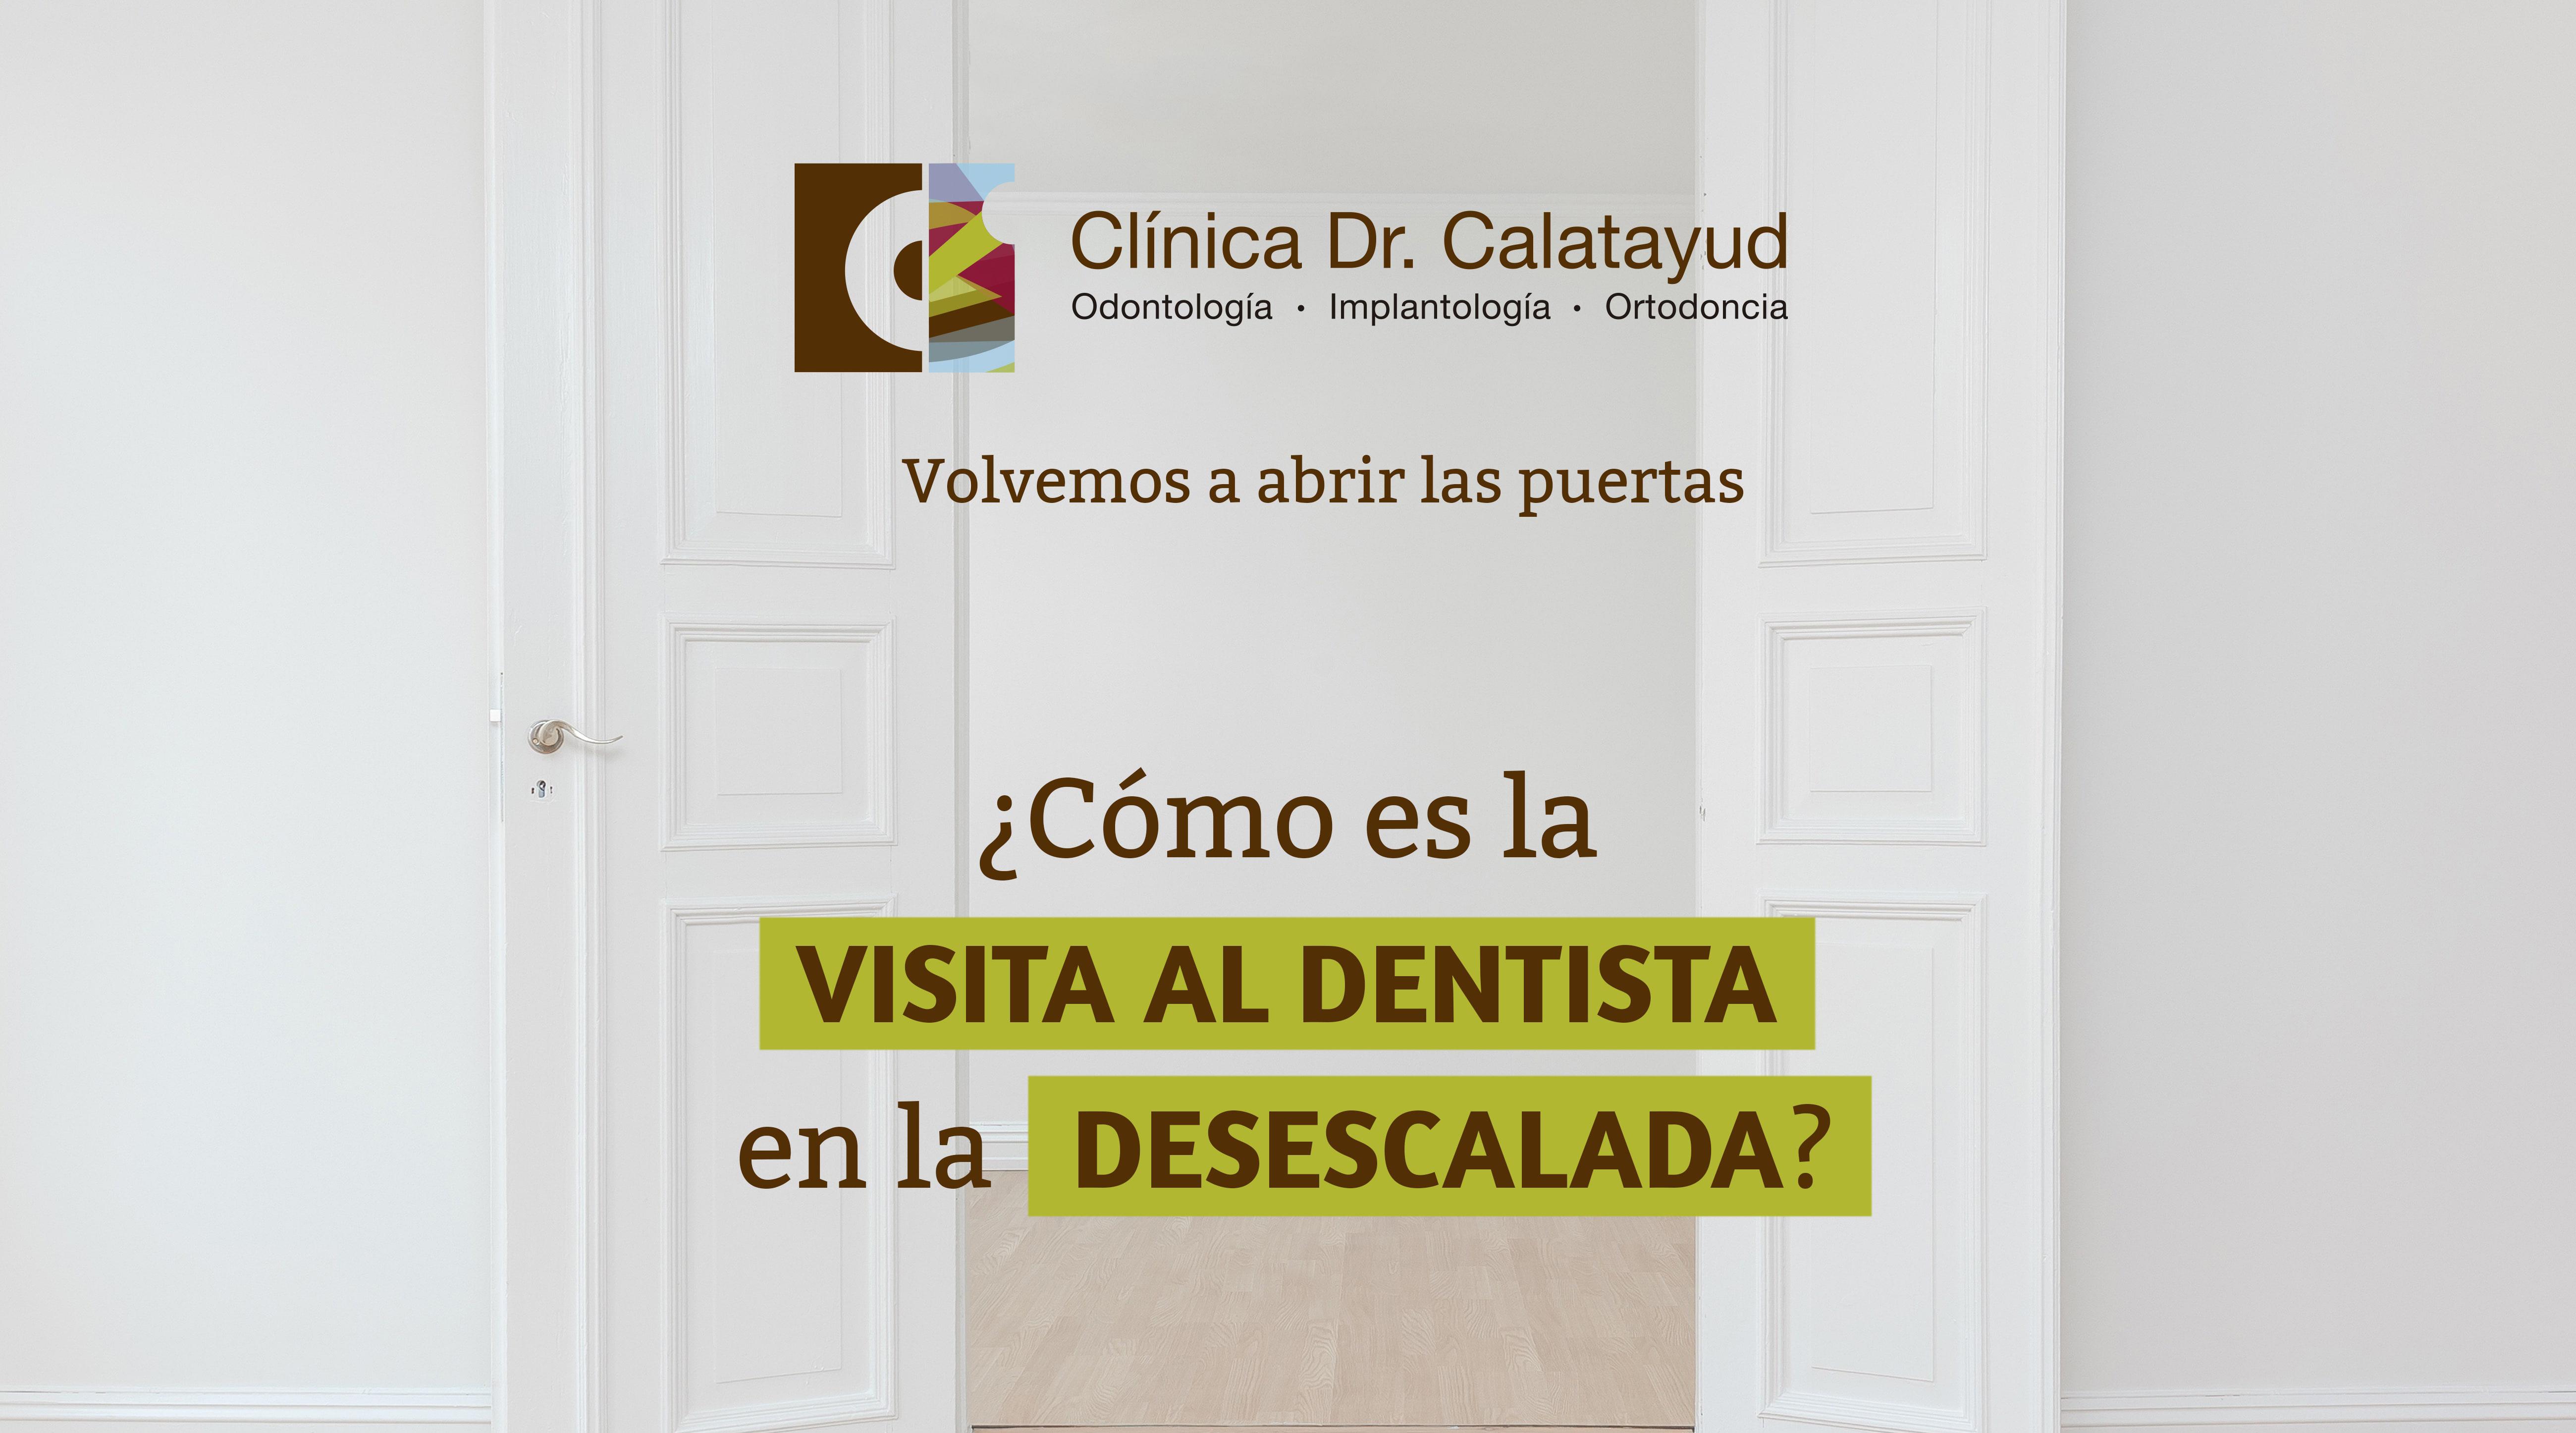 Cómo es la visita al dentista en la desescalada